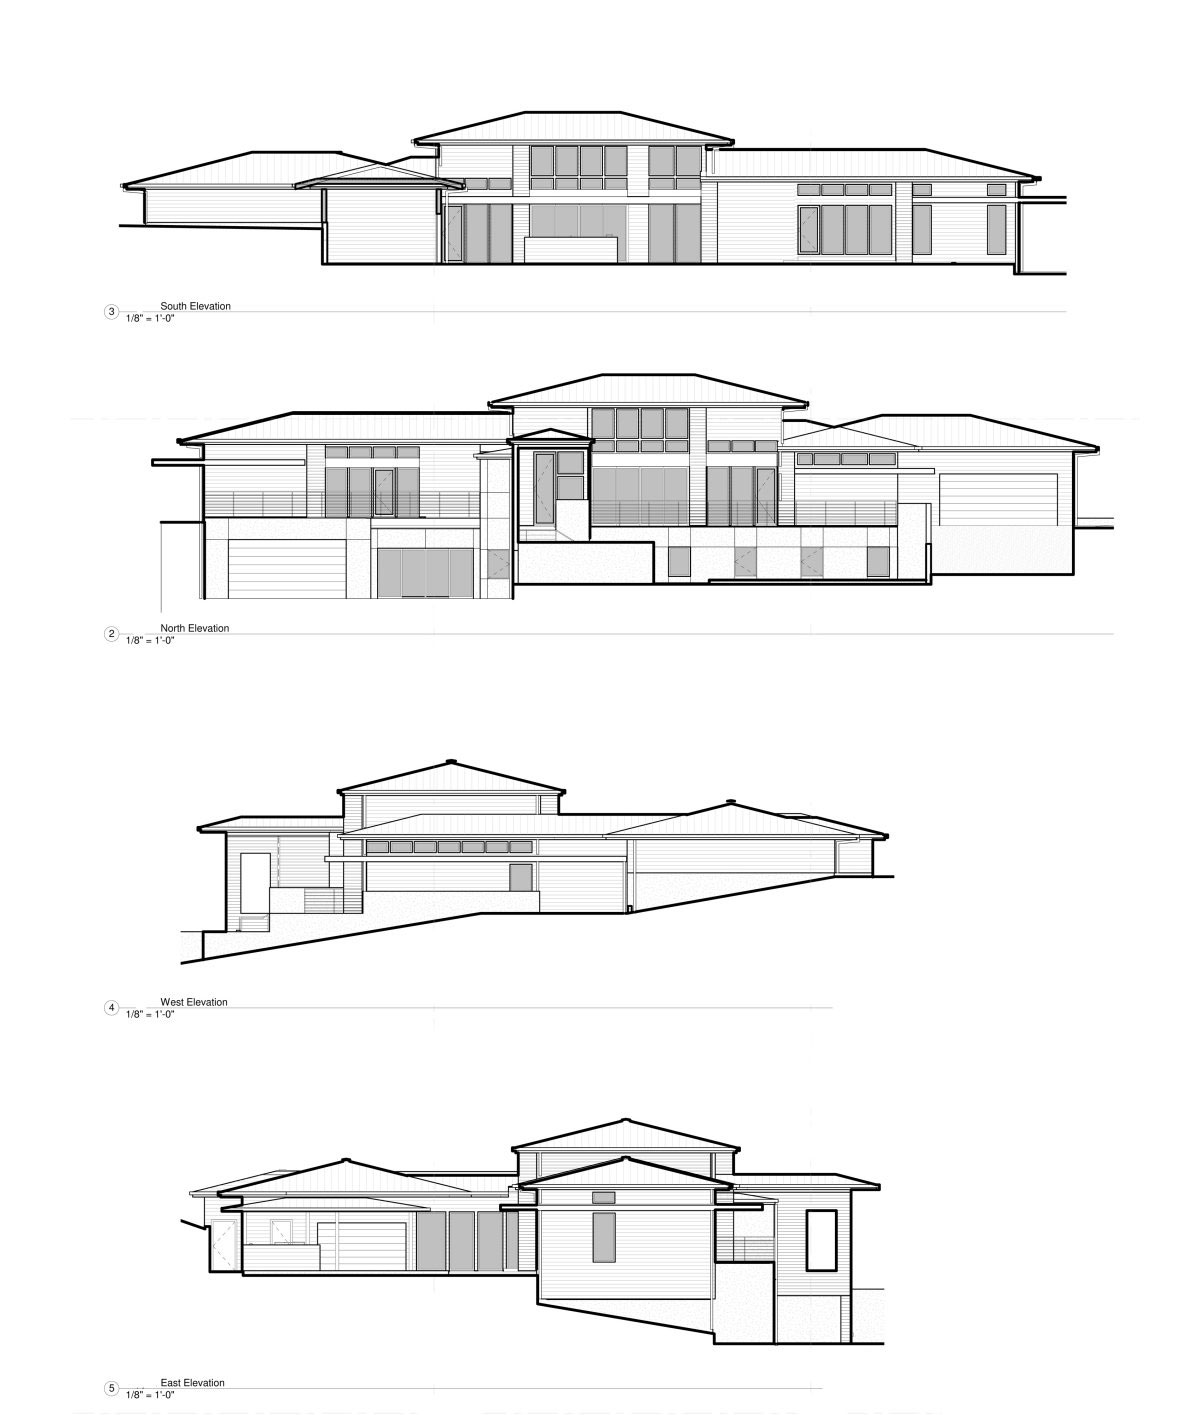 Badger-Mountain-House-29